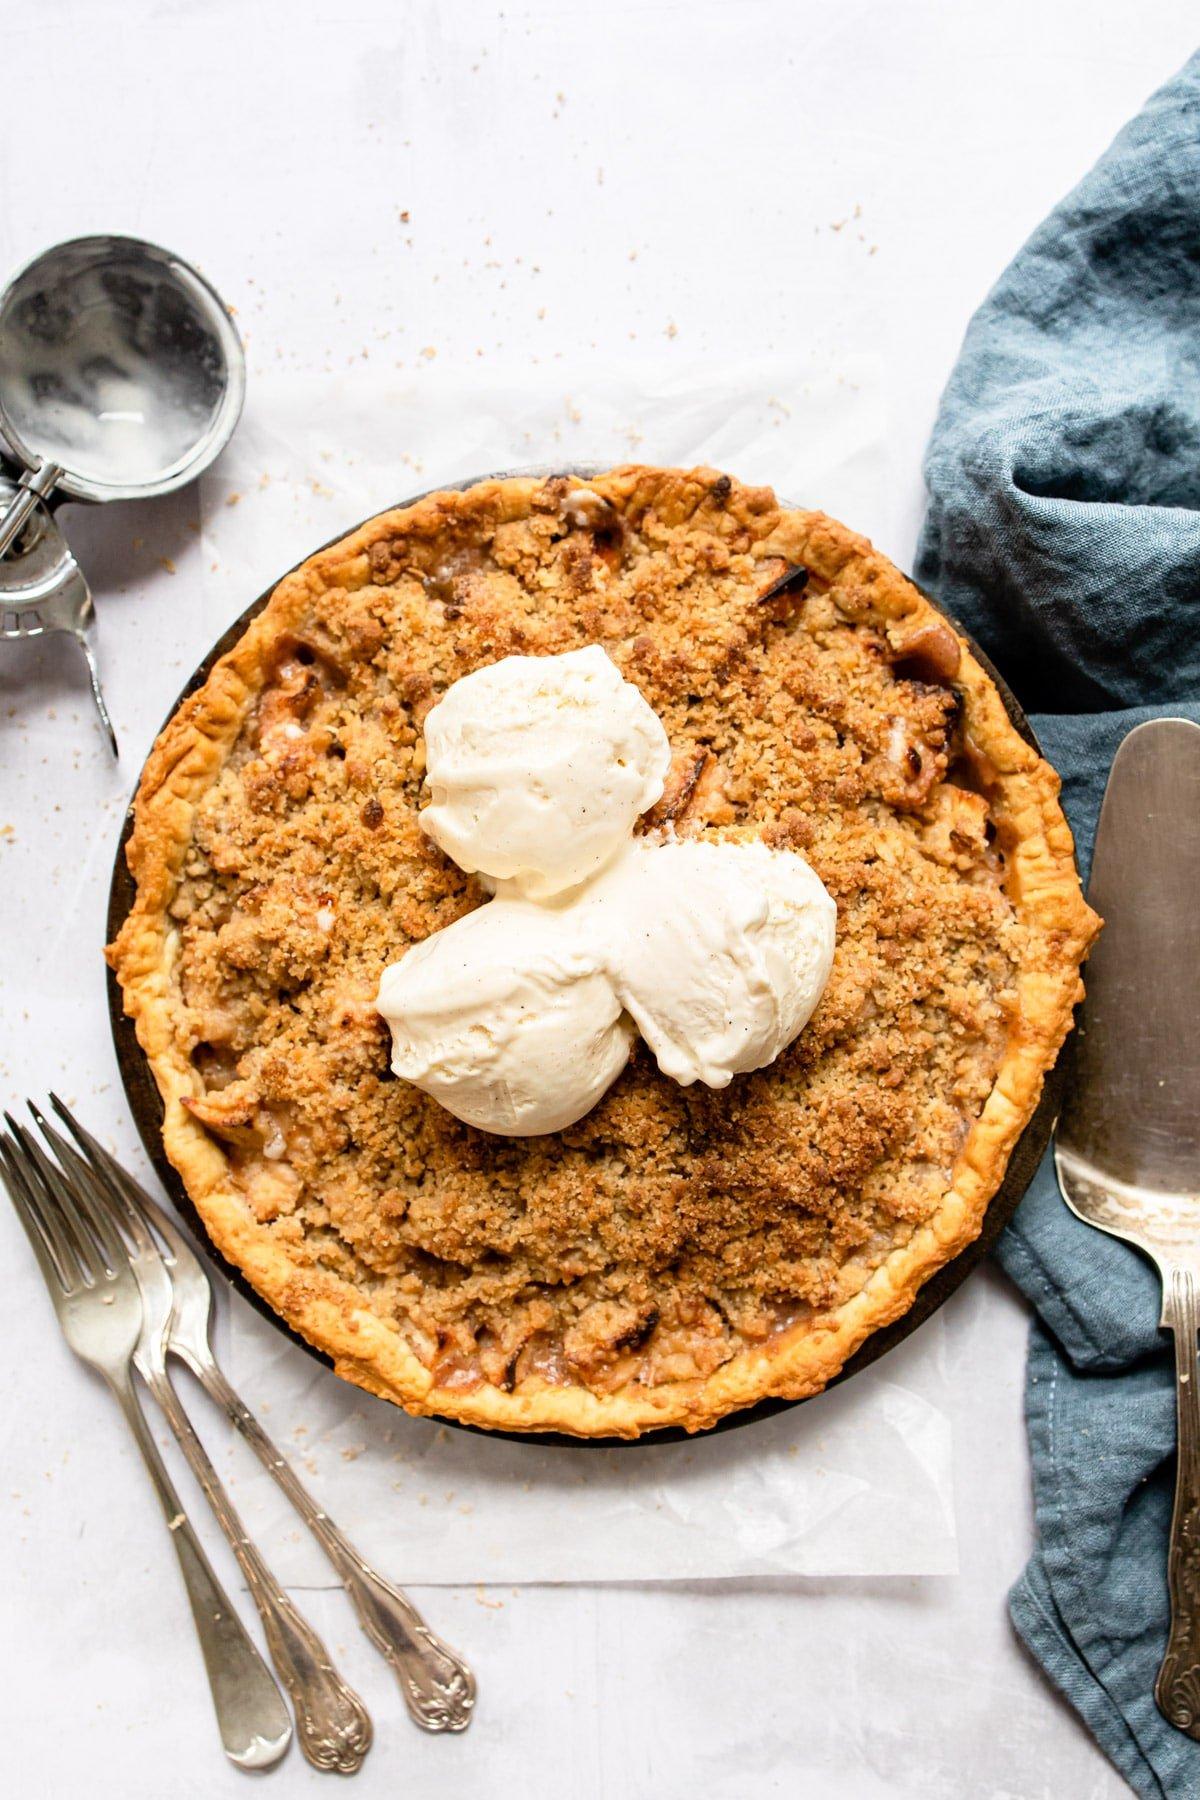 Three scoops of vanilla ice cream on an apple pie.